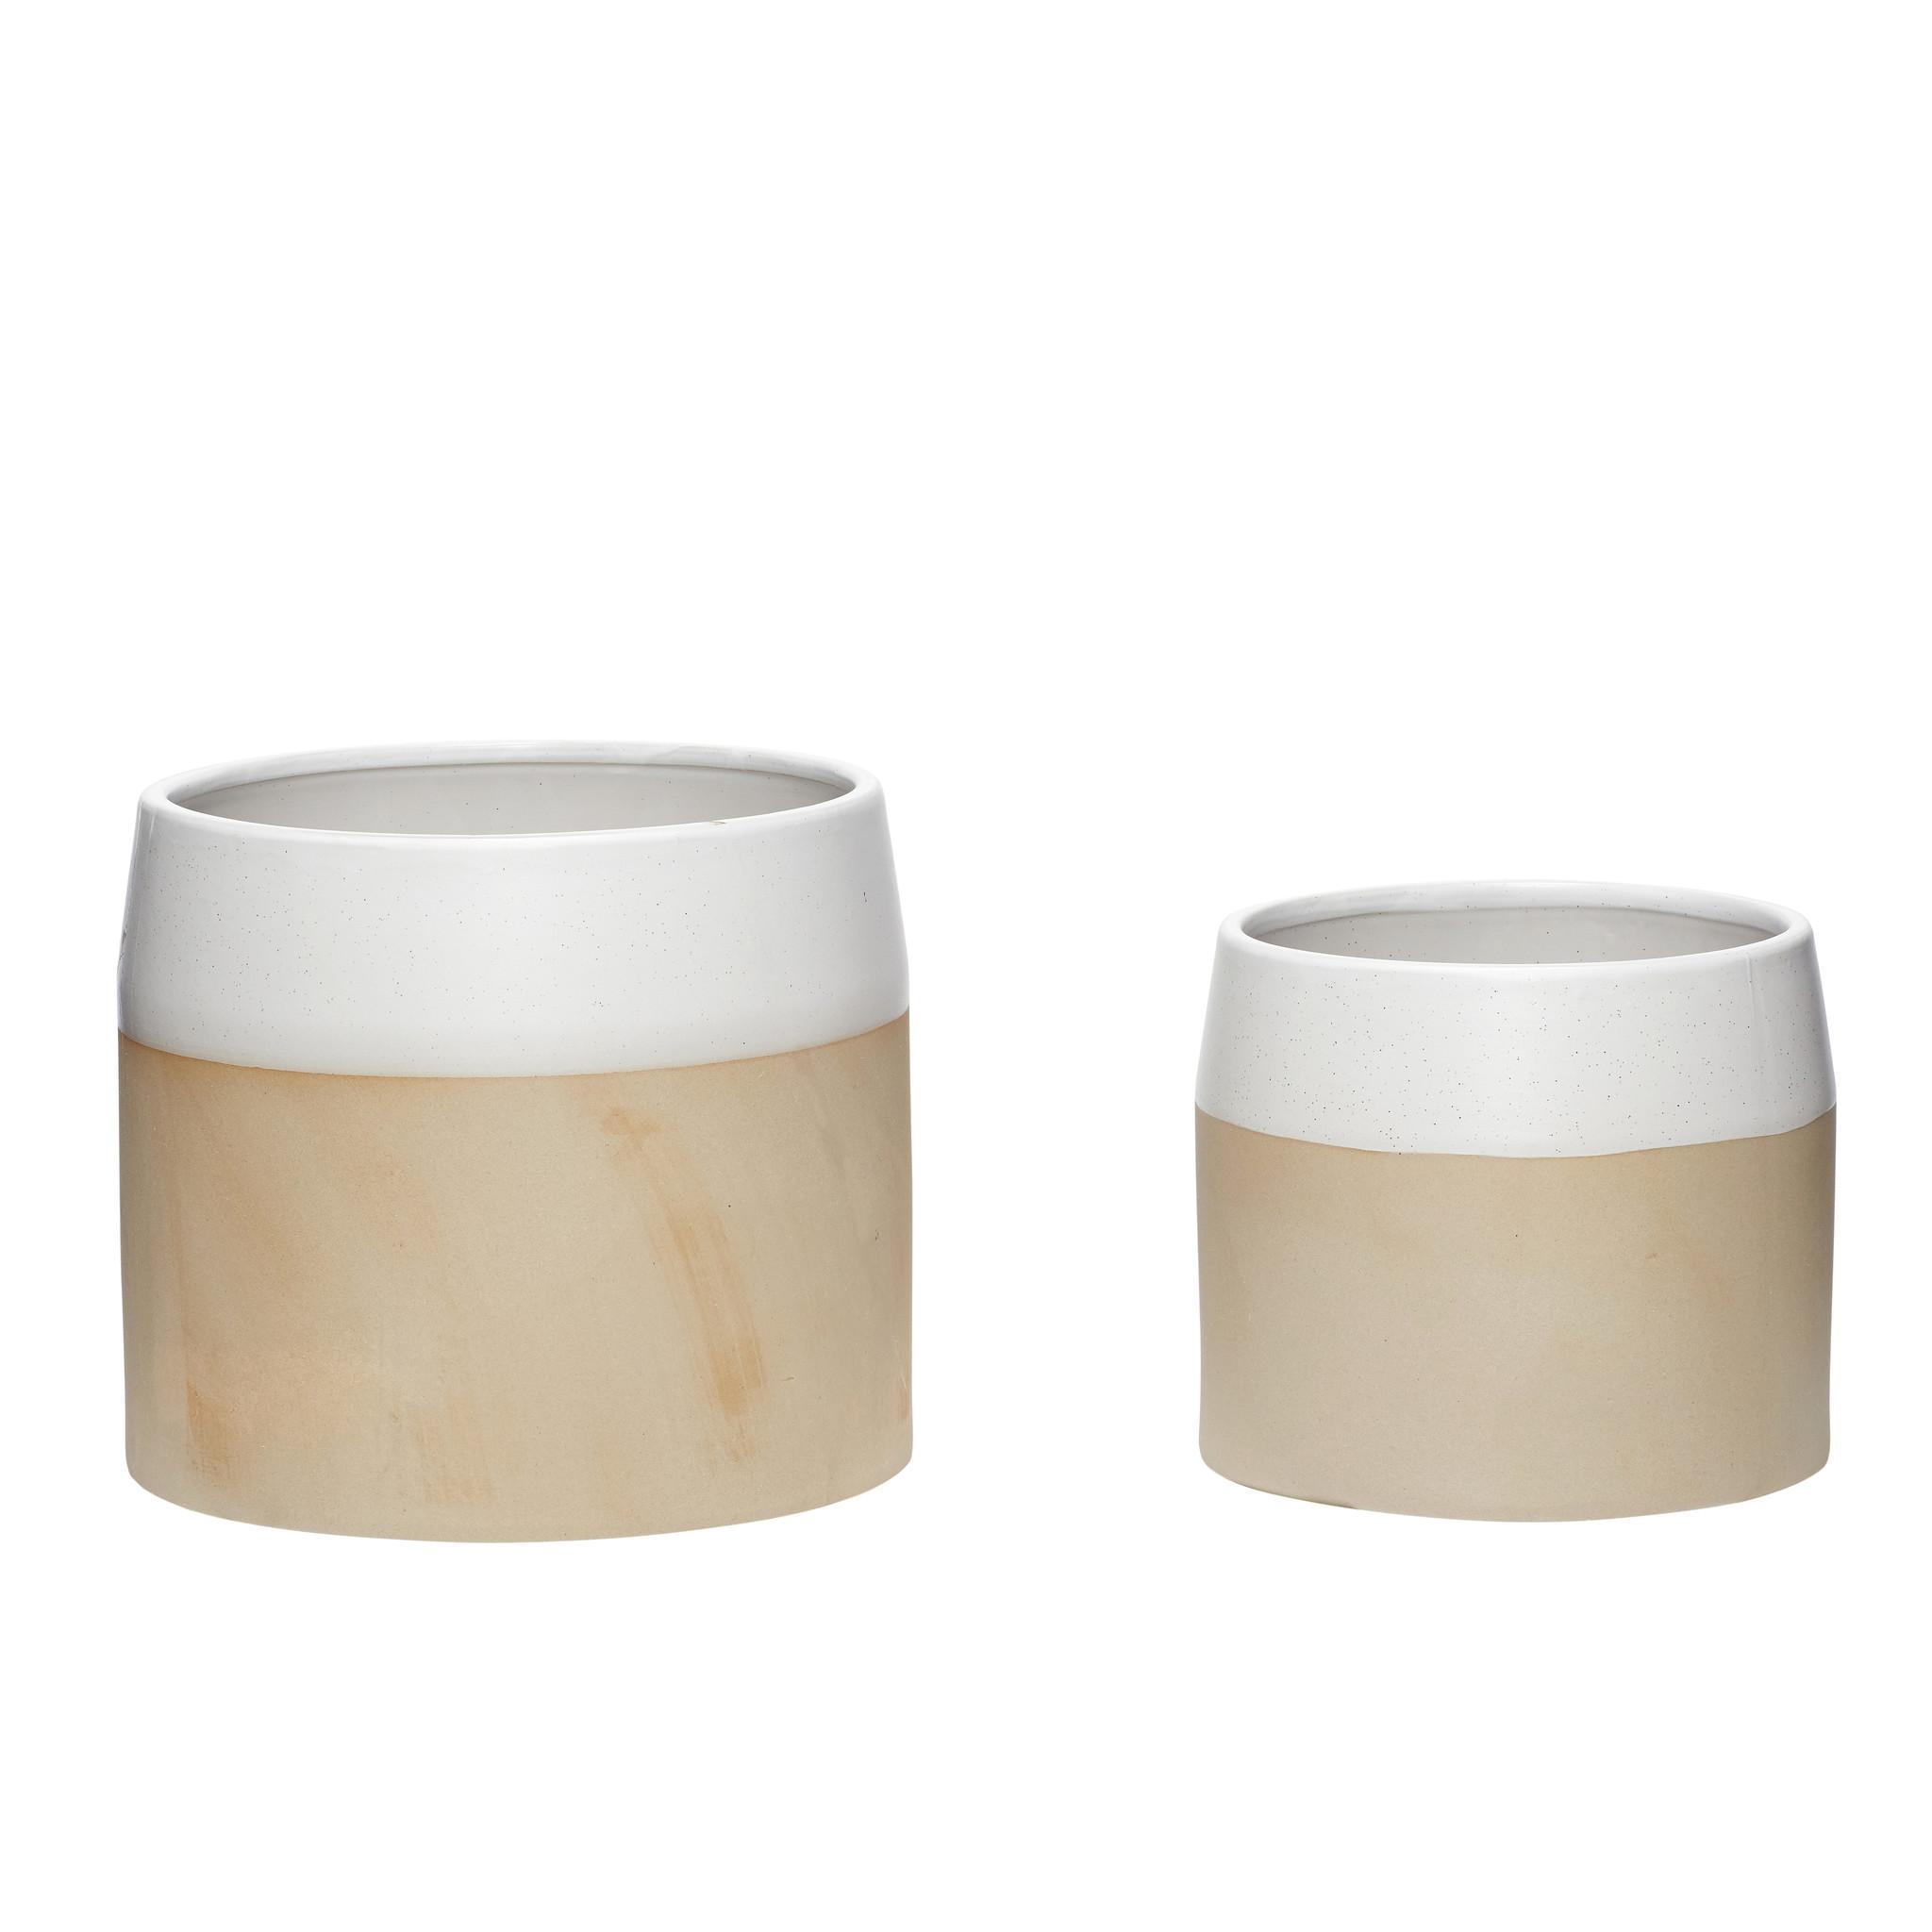 Hubsch Pot, keramiek, wit / zand, set van 2